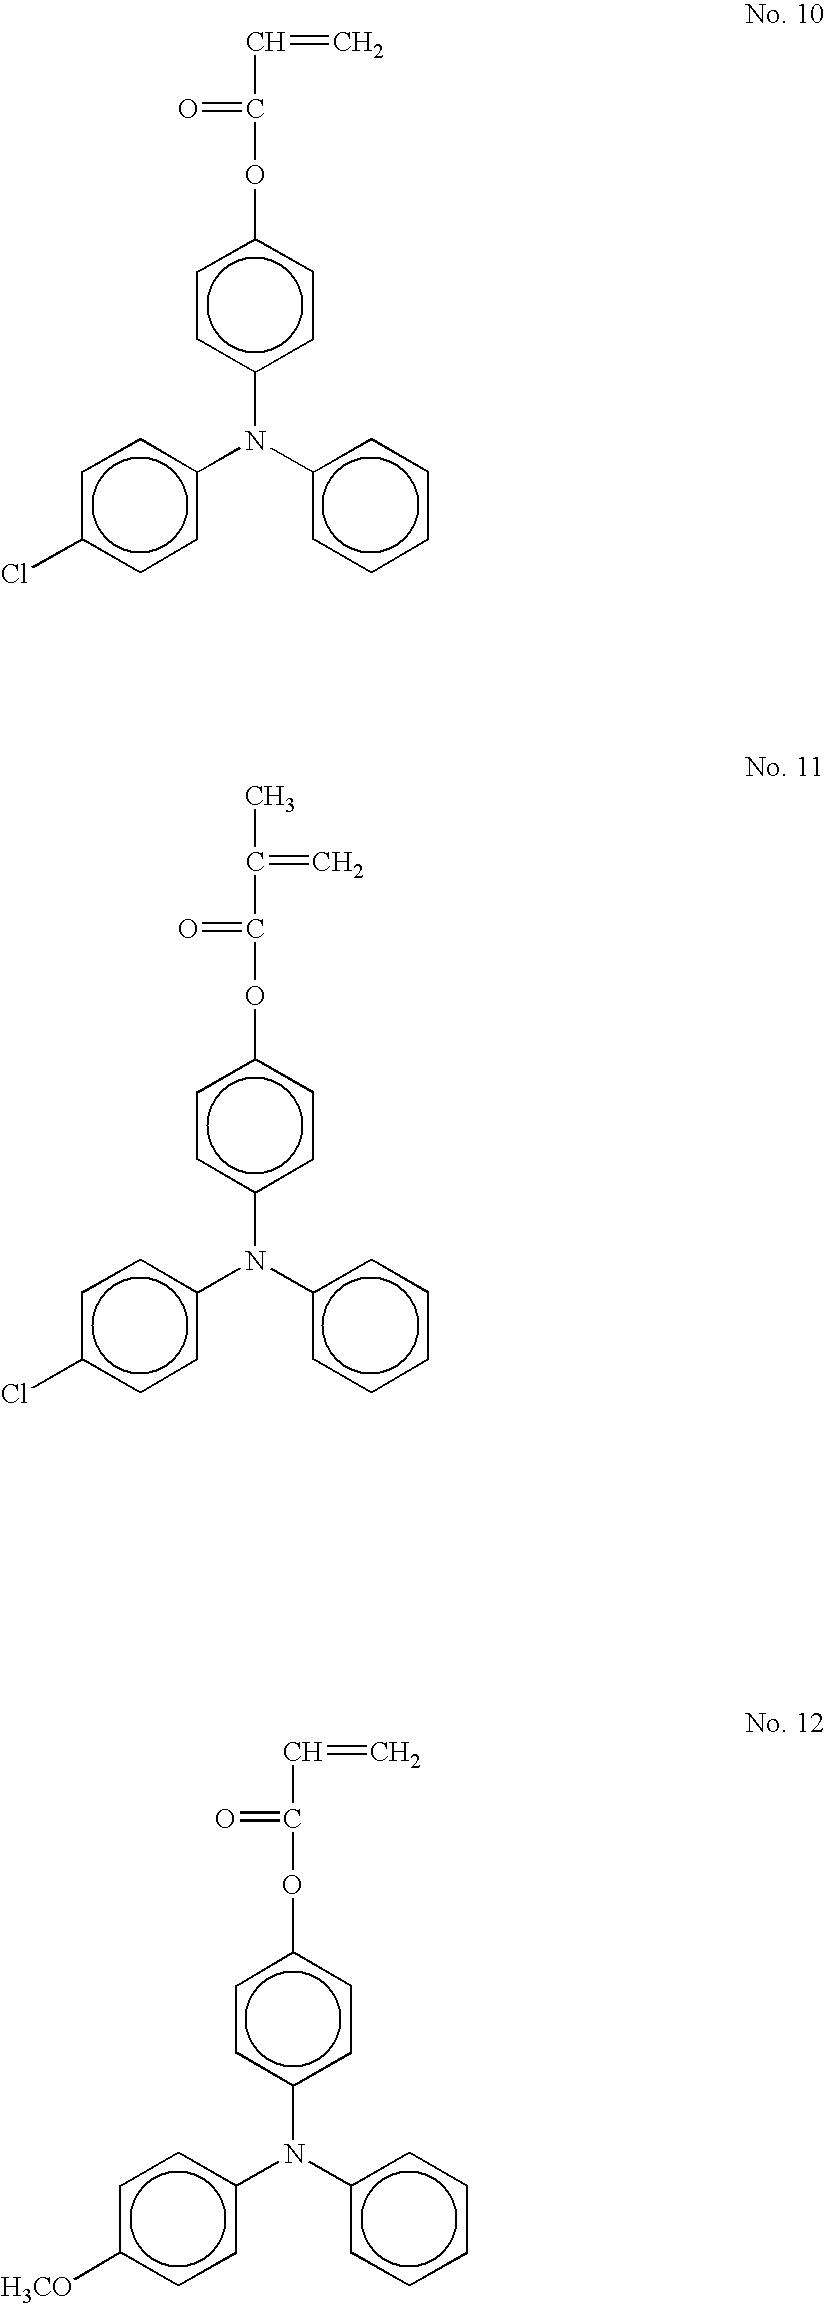 Figure US20040253527A1-20041216-C00015